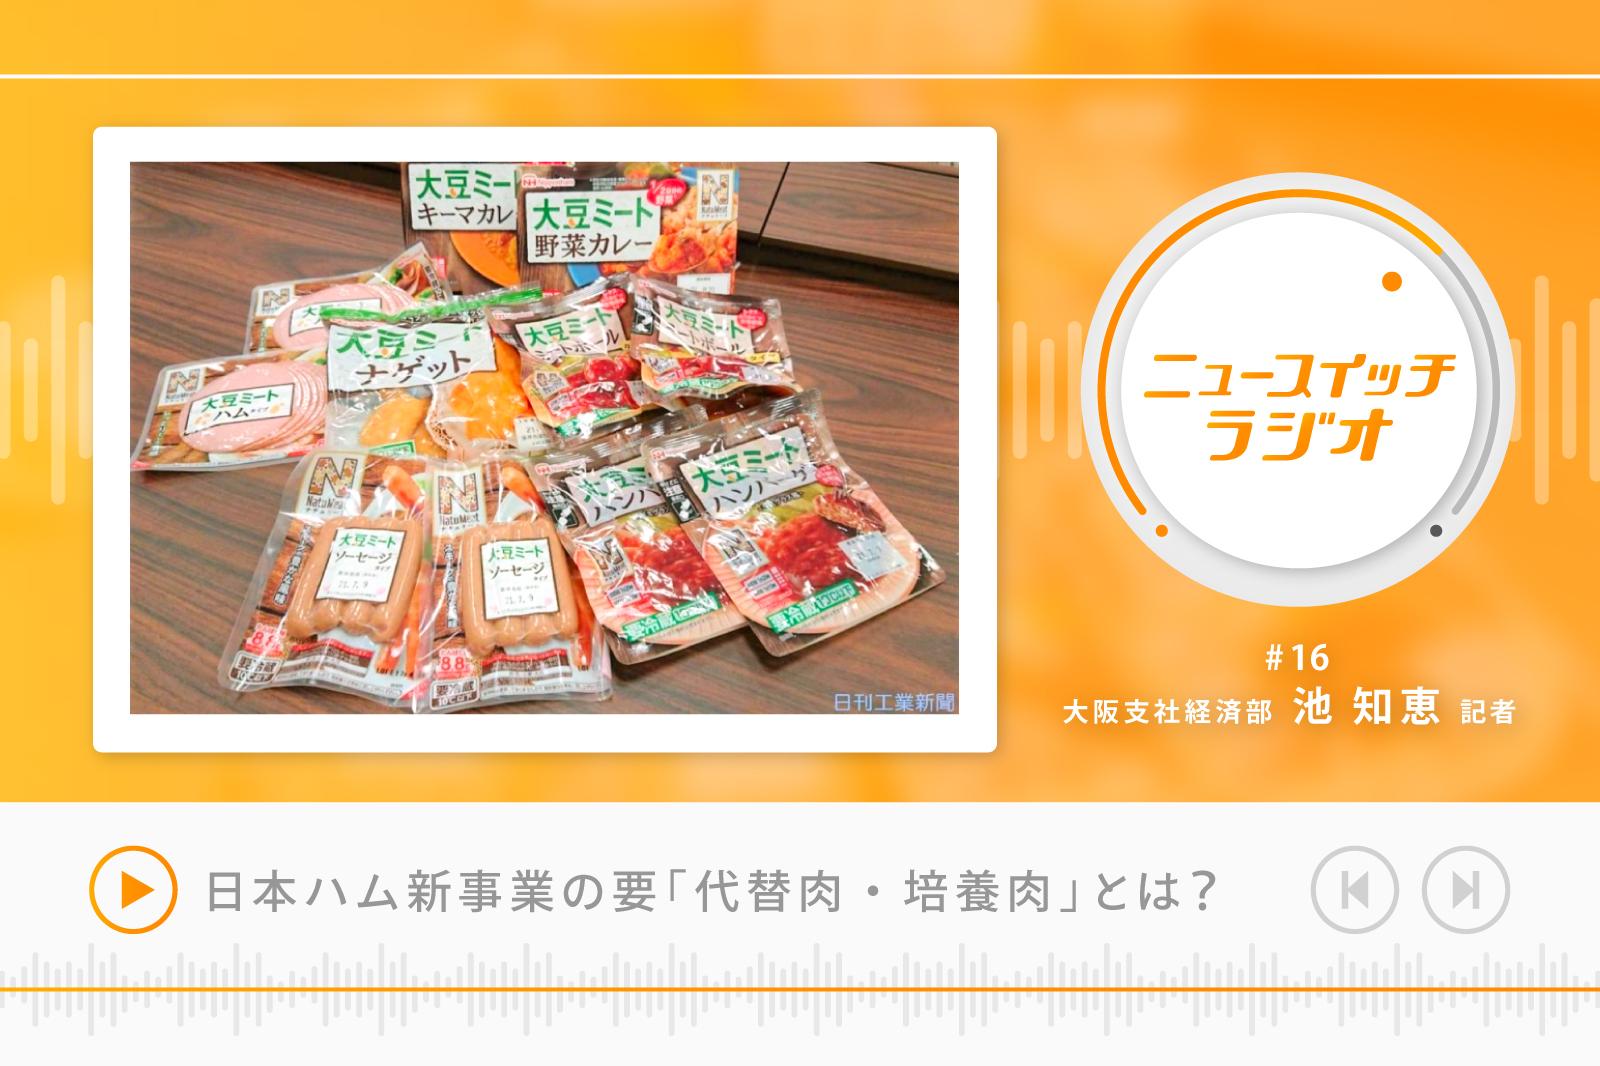 【音声解説】日本ハムが収益源に育てたい「代替肉・培養肉」ってなに?